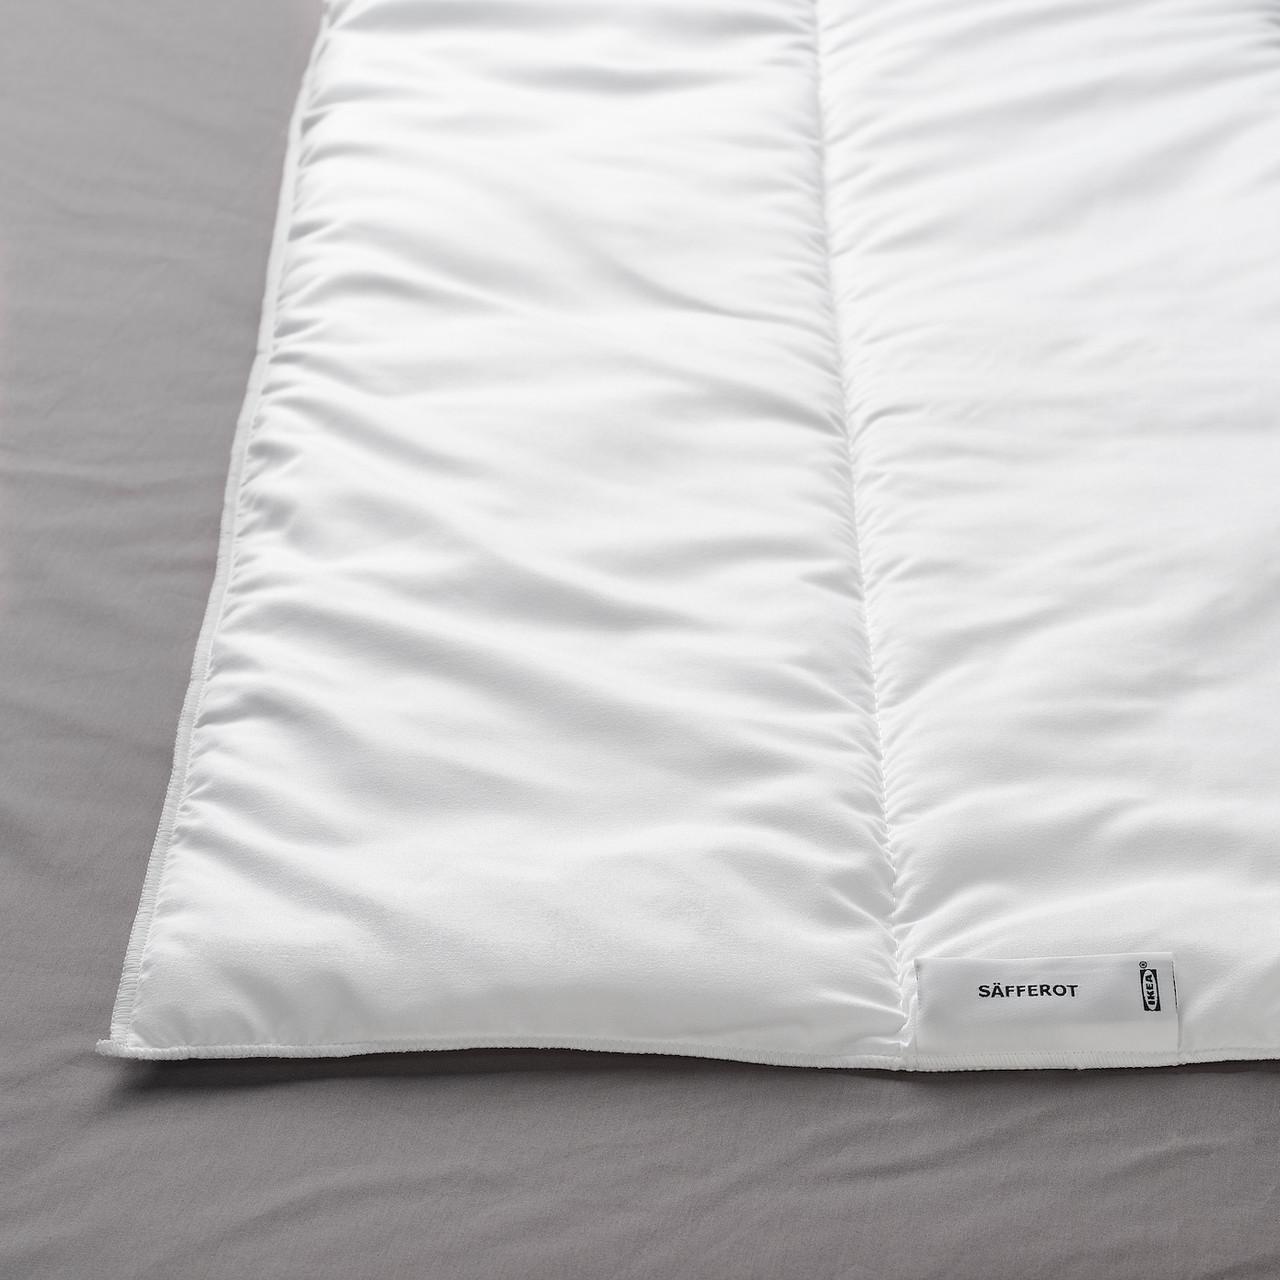 IKEA SÄFFEROT Одеяло, 150x200 см